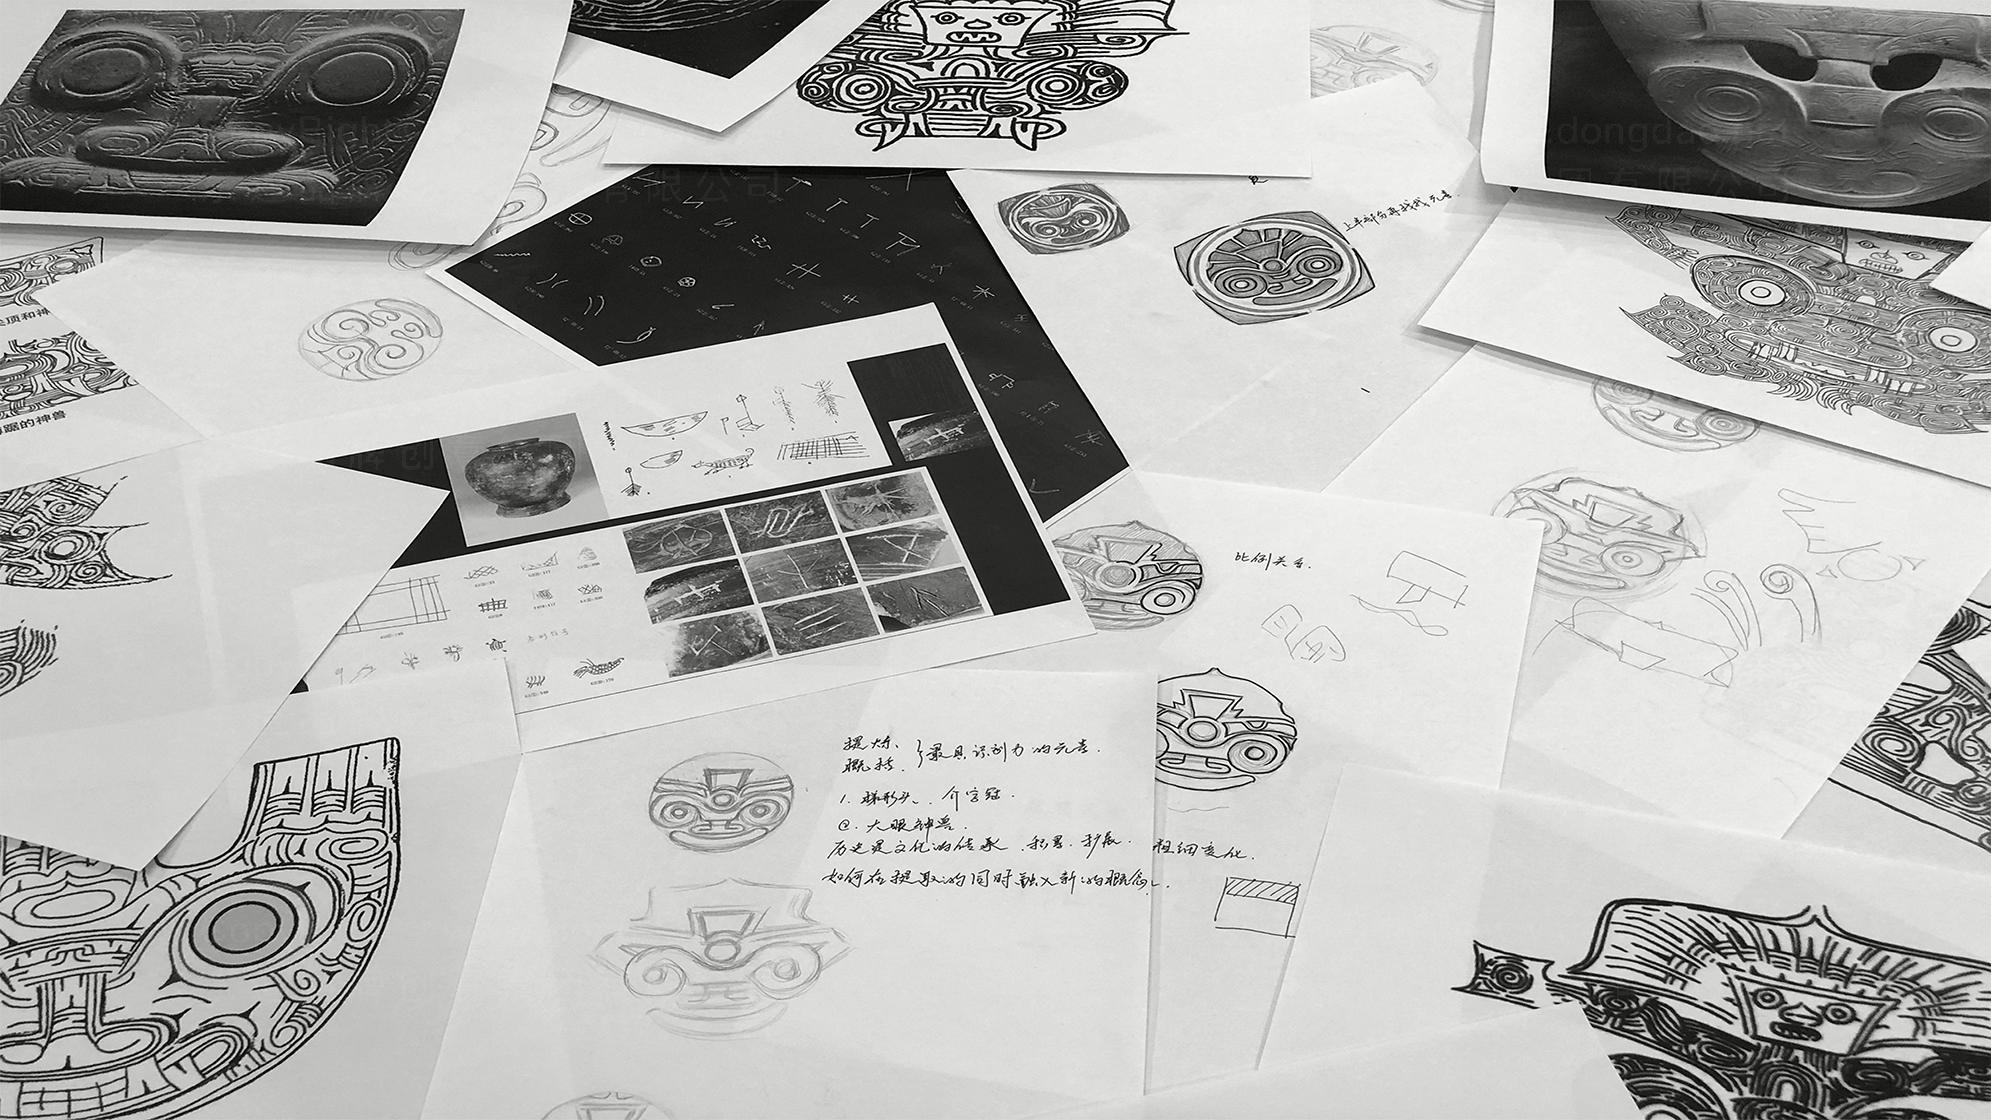 旅游生活品牌设计良渚文化LOGO&VI设计